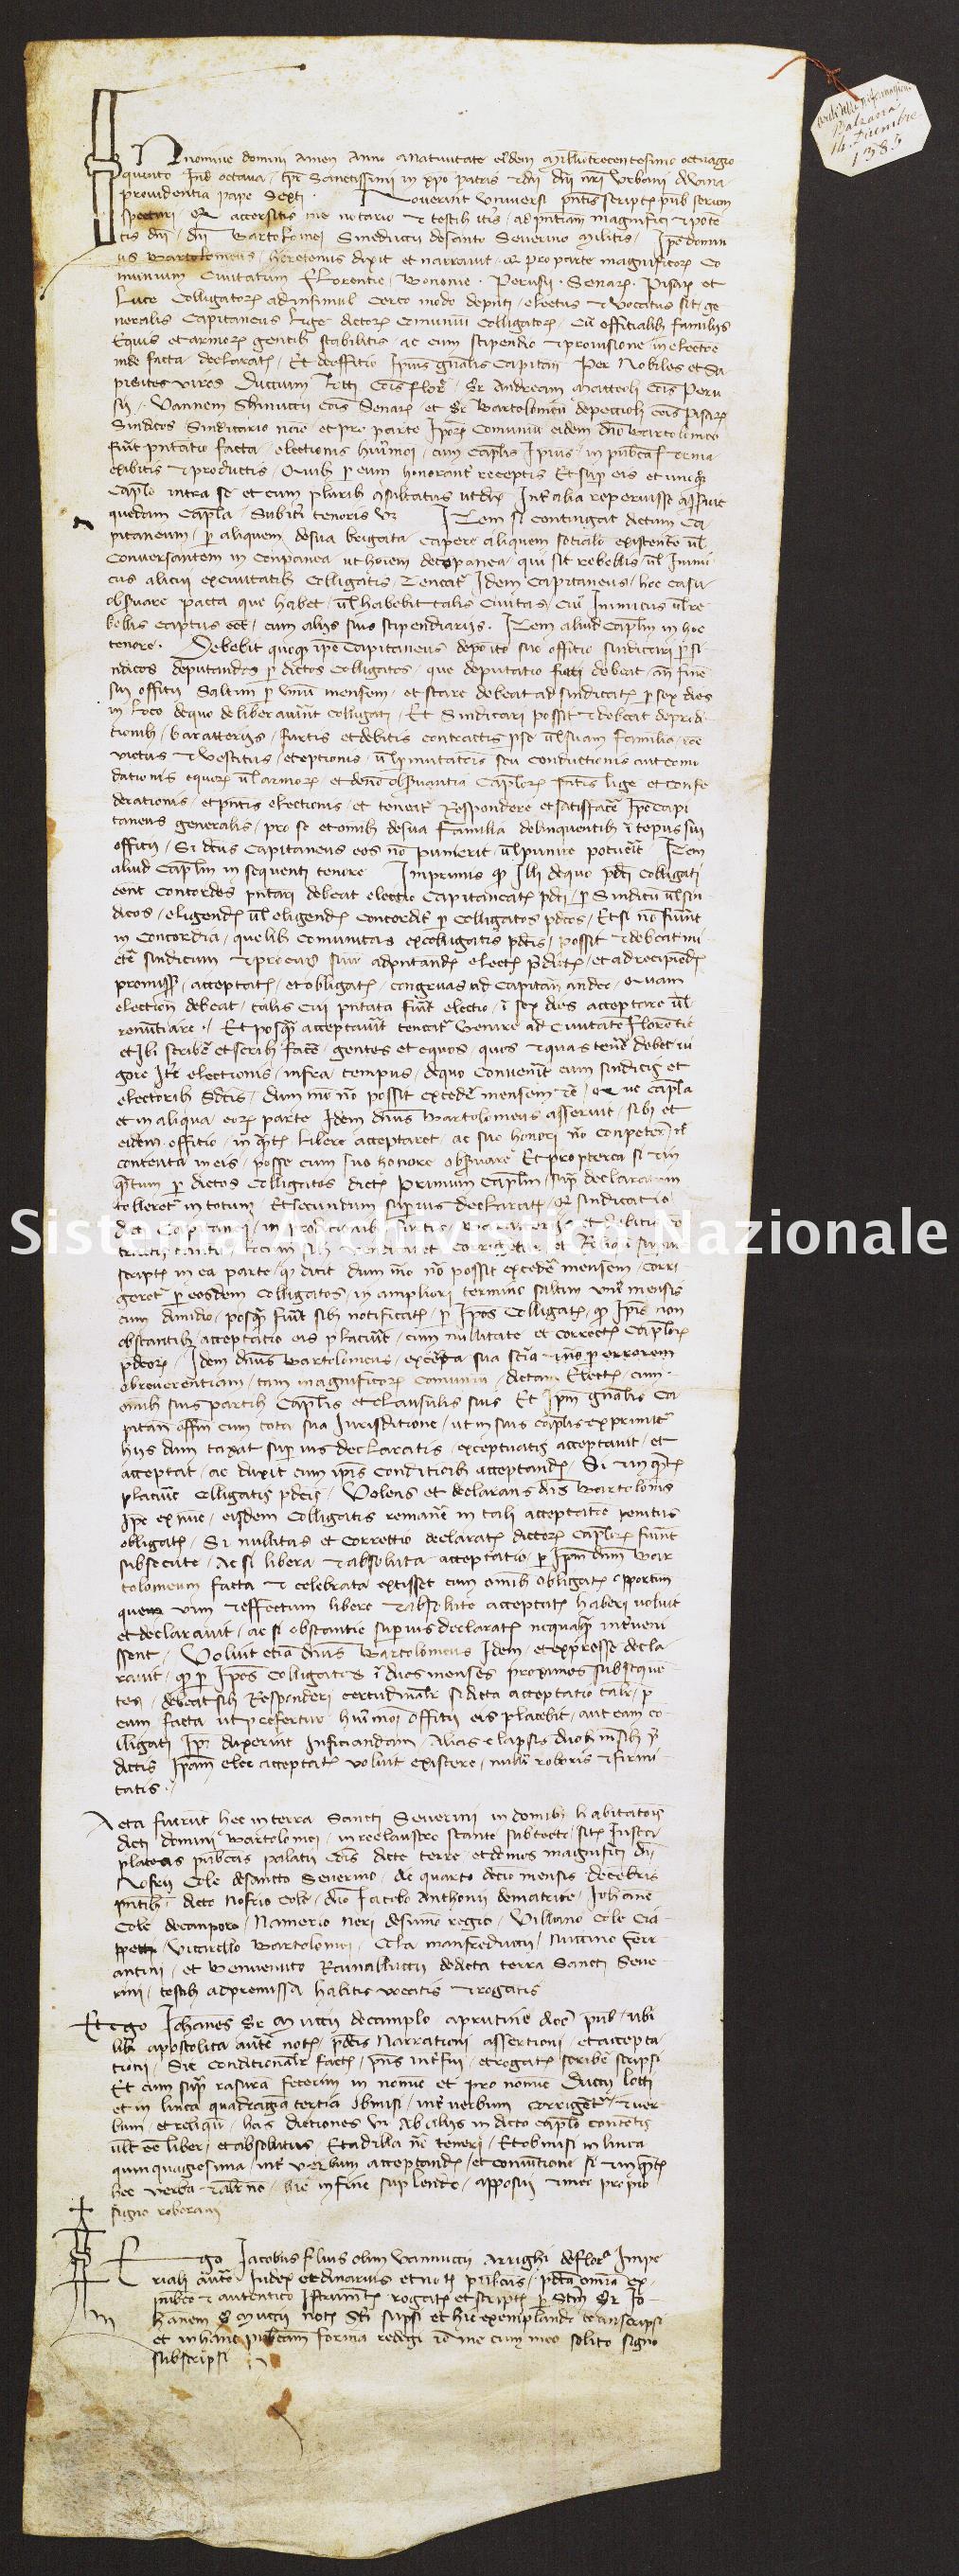 067. Archivio di Stato di SIENA, Diplomatico, Diplomatico Riformagioni Balzana, Pergamena 067 - 1385 dicembre 14, casella 1102